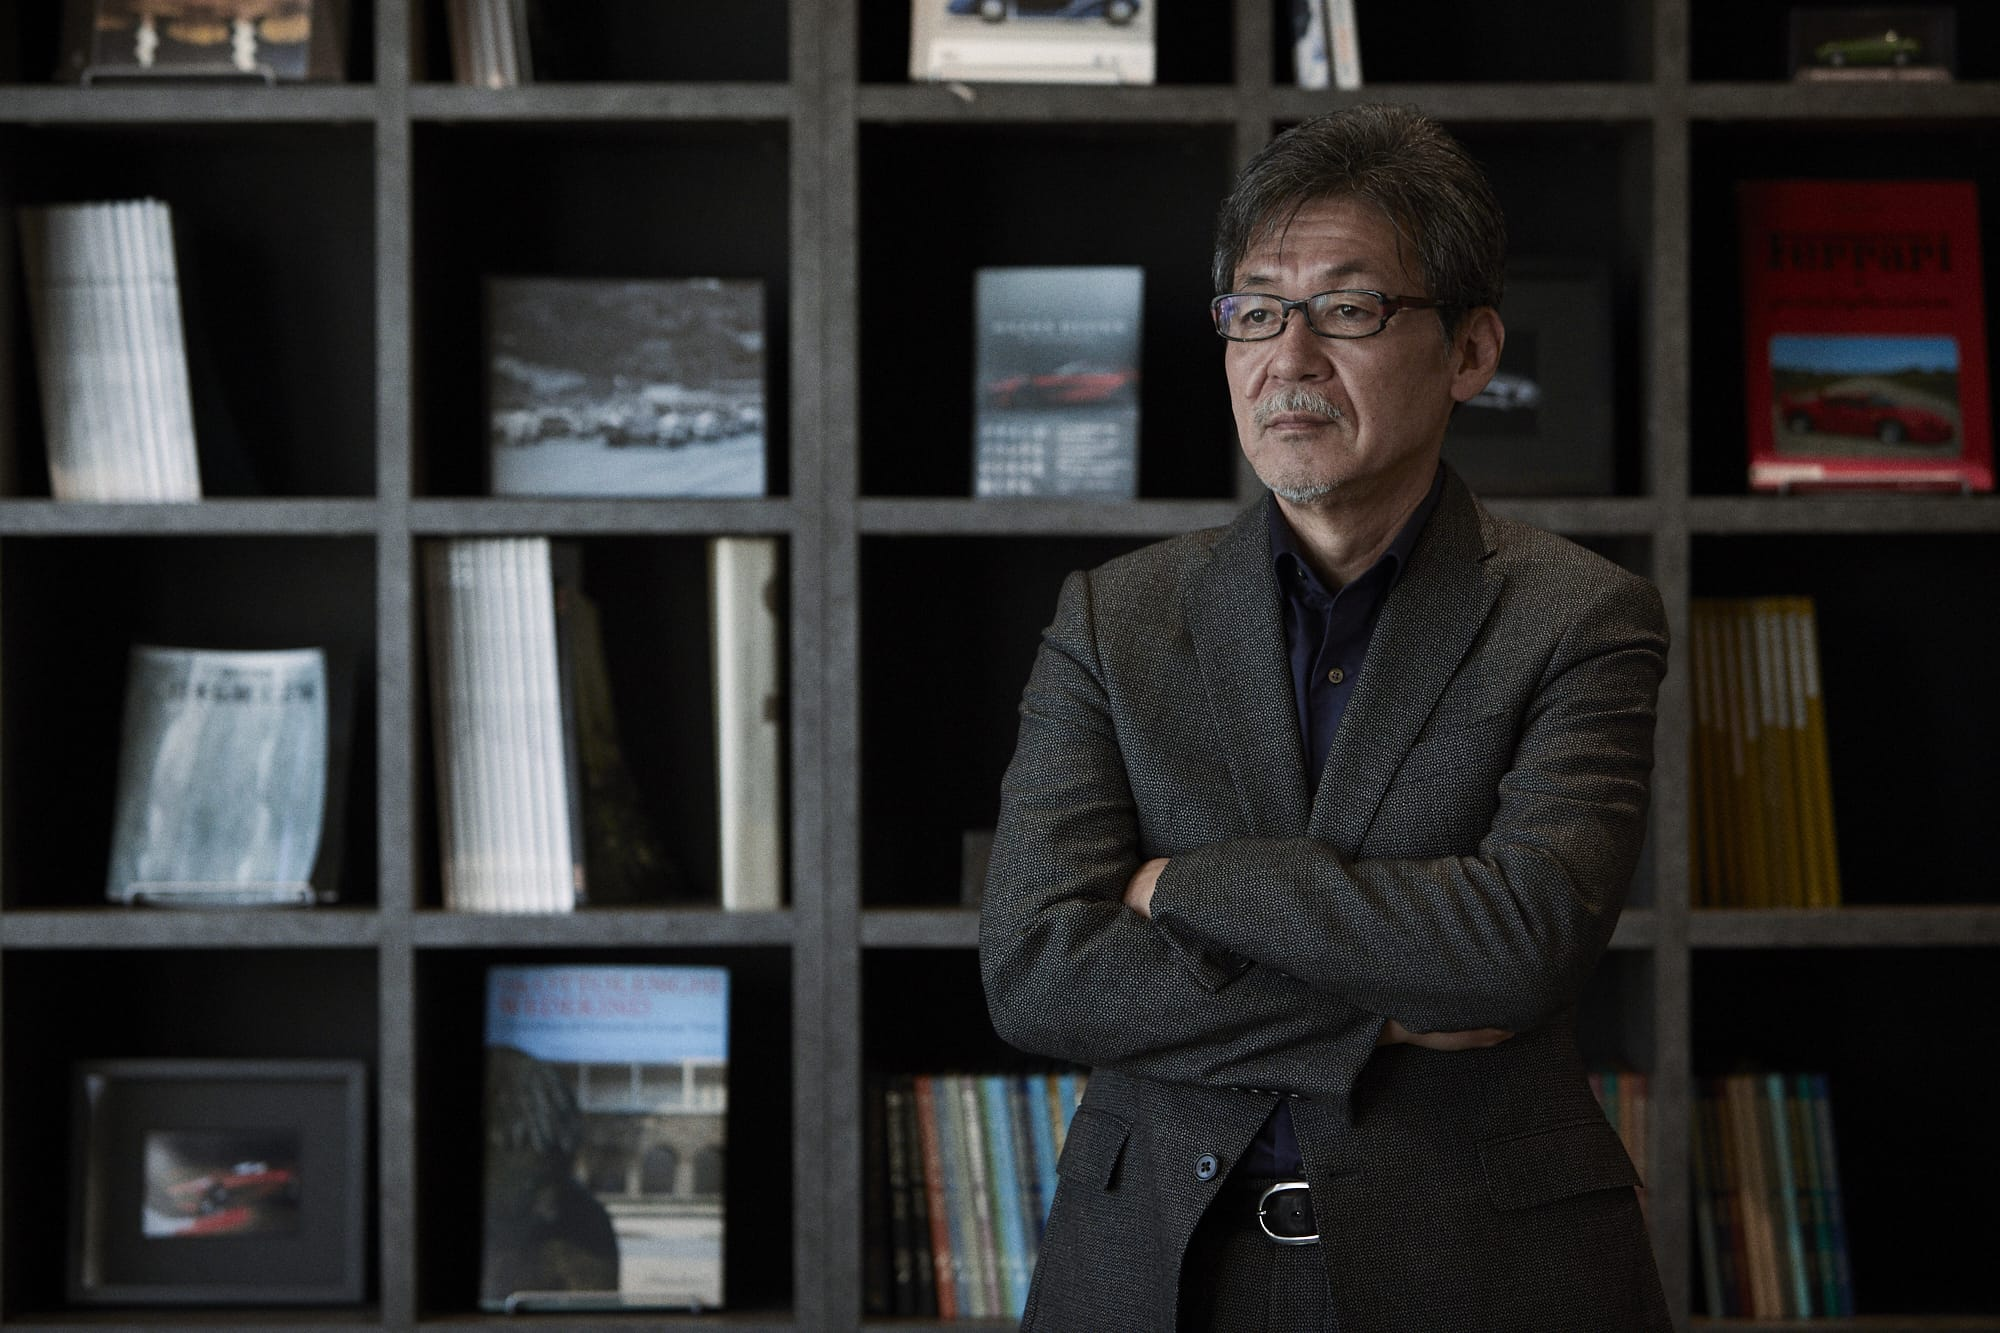 2019年10月31日公開しているPremium Japan「MAZDA~デザインで世界を変える(前編)」より。前田育男   Ikuo Maeda     マツダ株式会社 常務執行役員 デザイン ブランドスタイル担当。